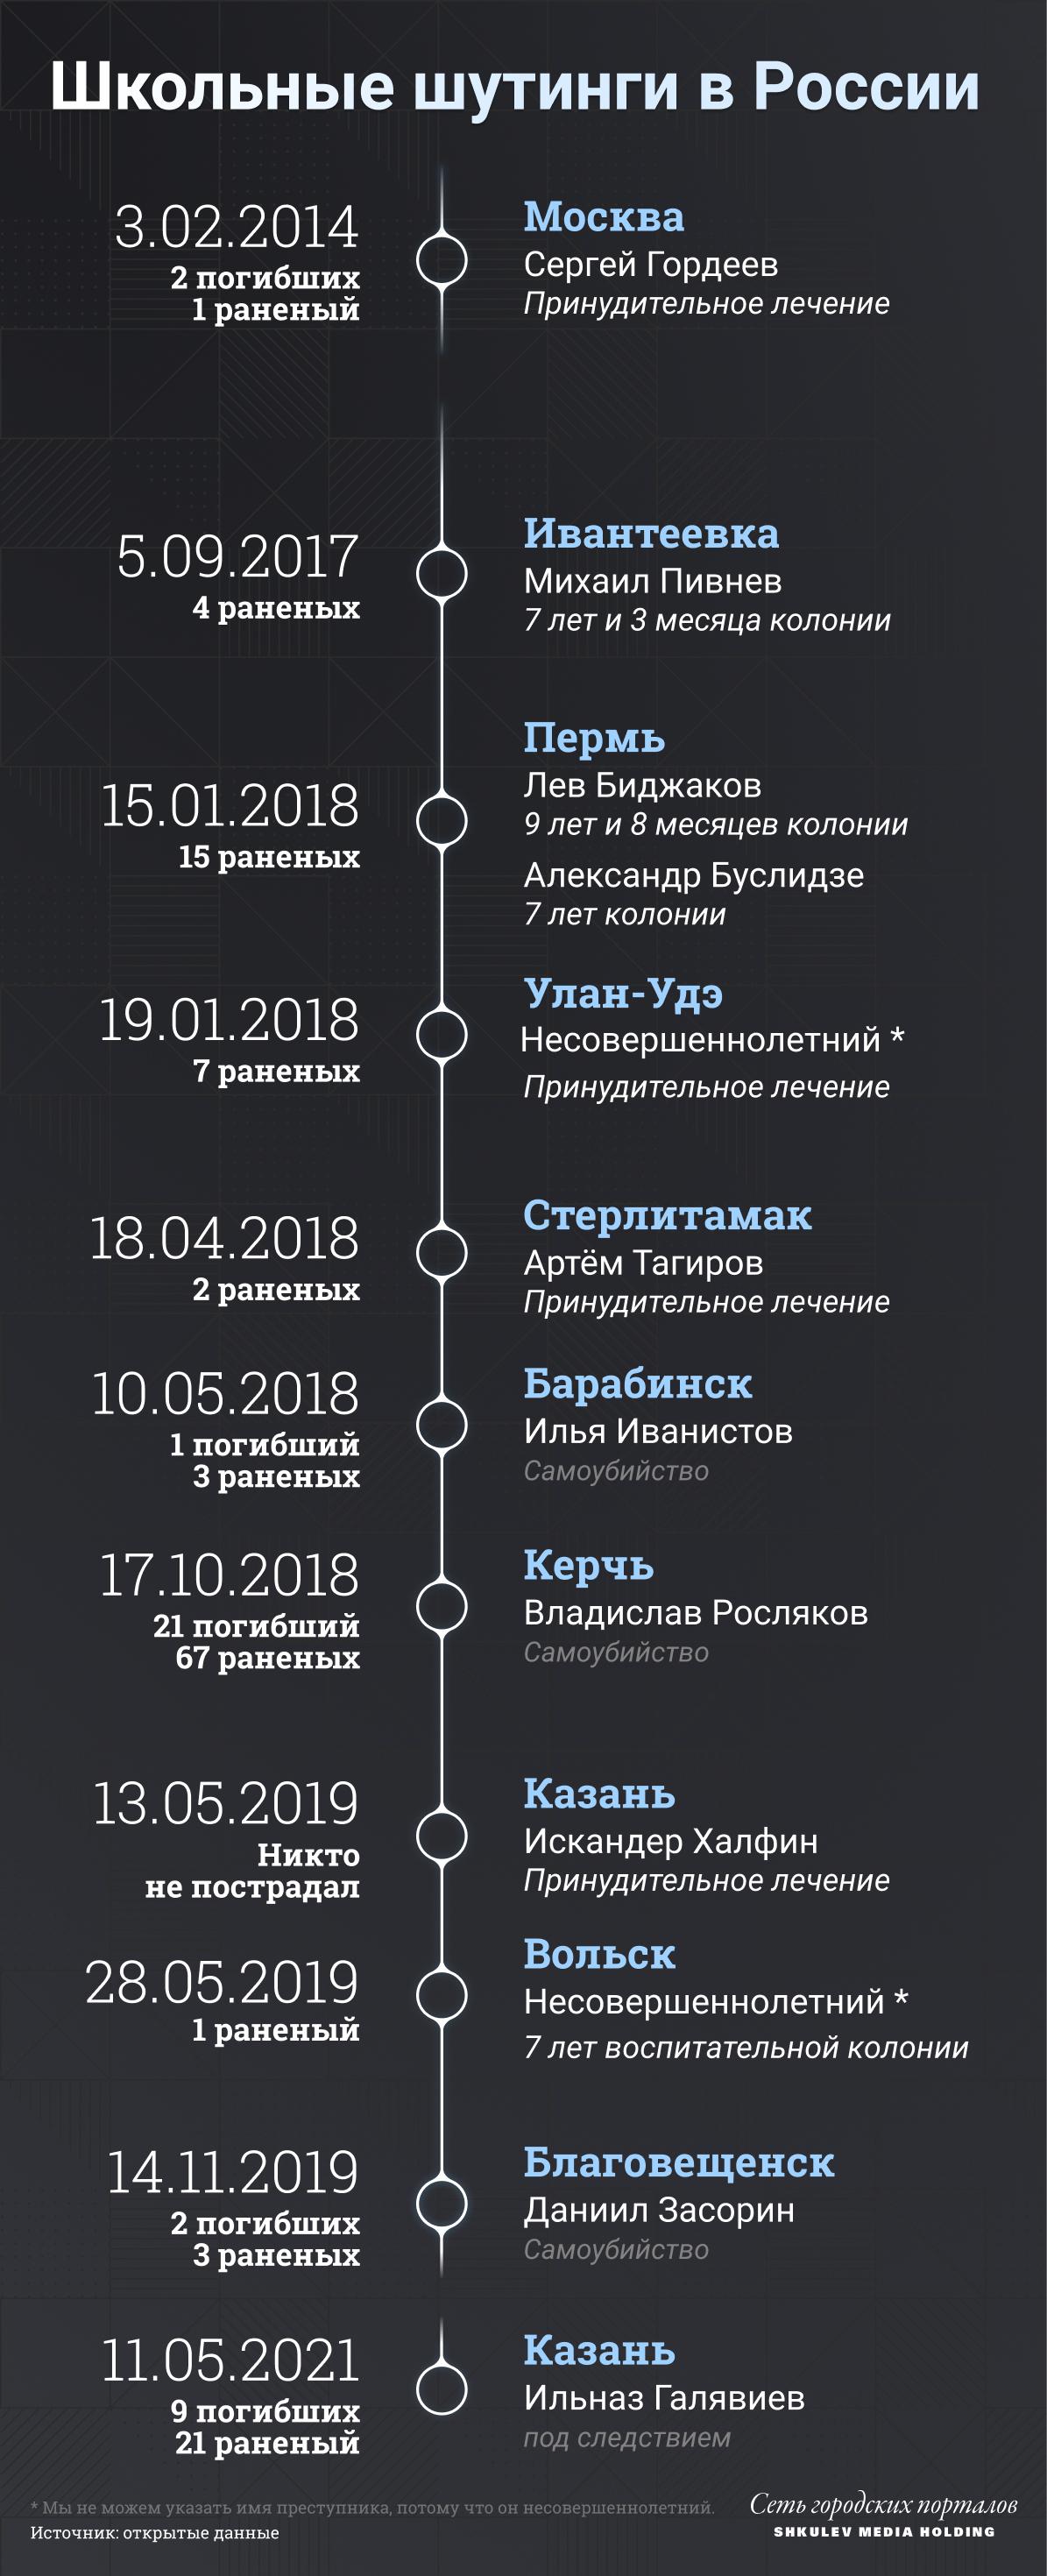 До 20 сентября 2021 года в России насчитывали 11 аналогичных нападений на учебные заведения: вот чем они закончились